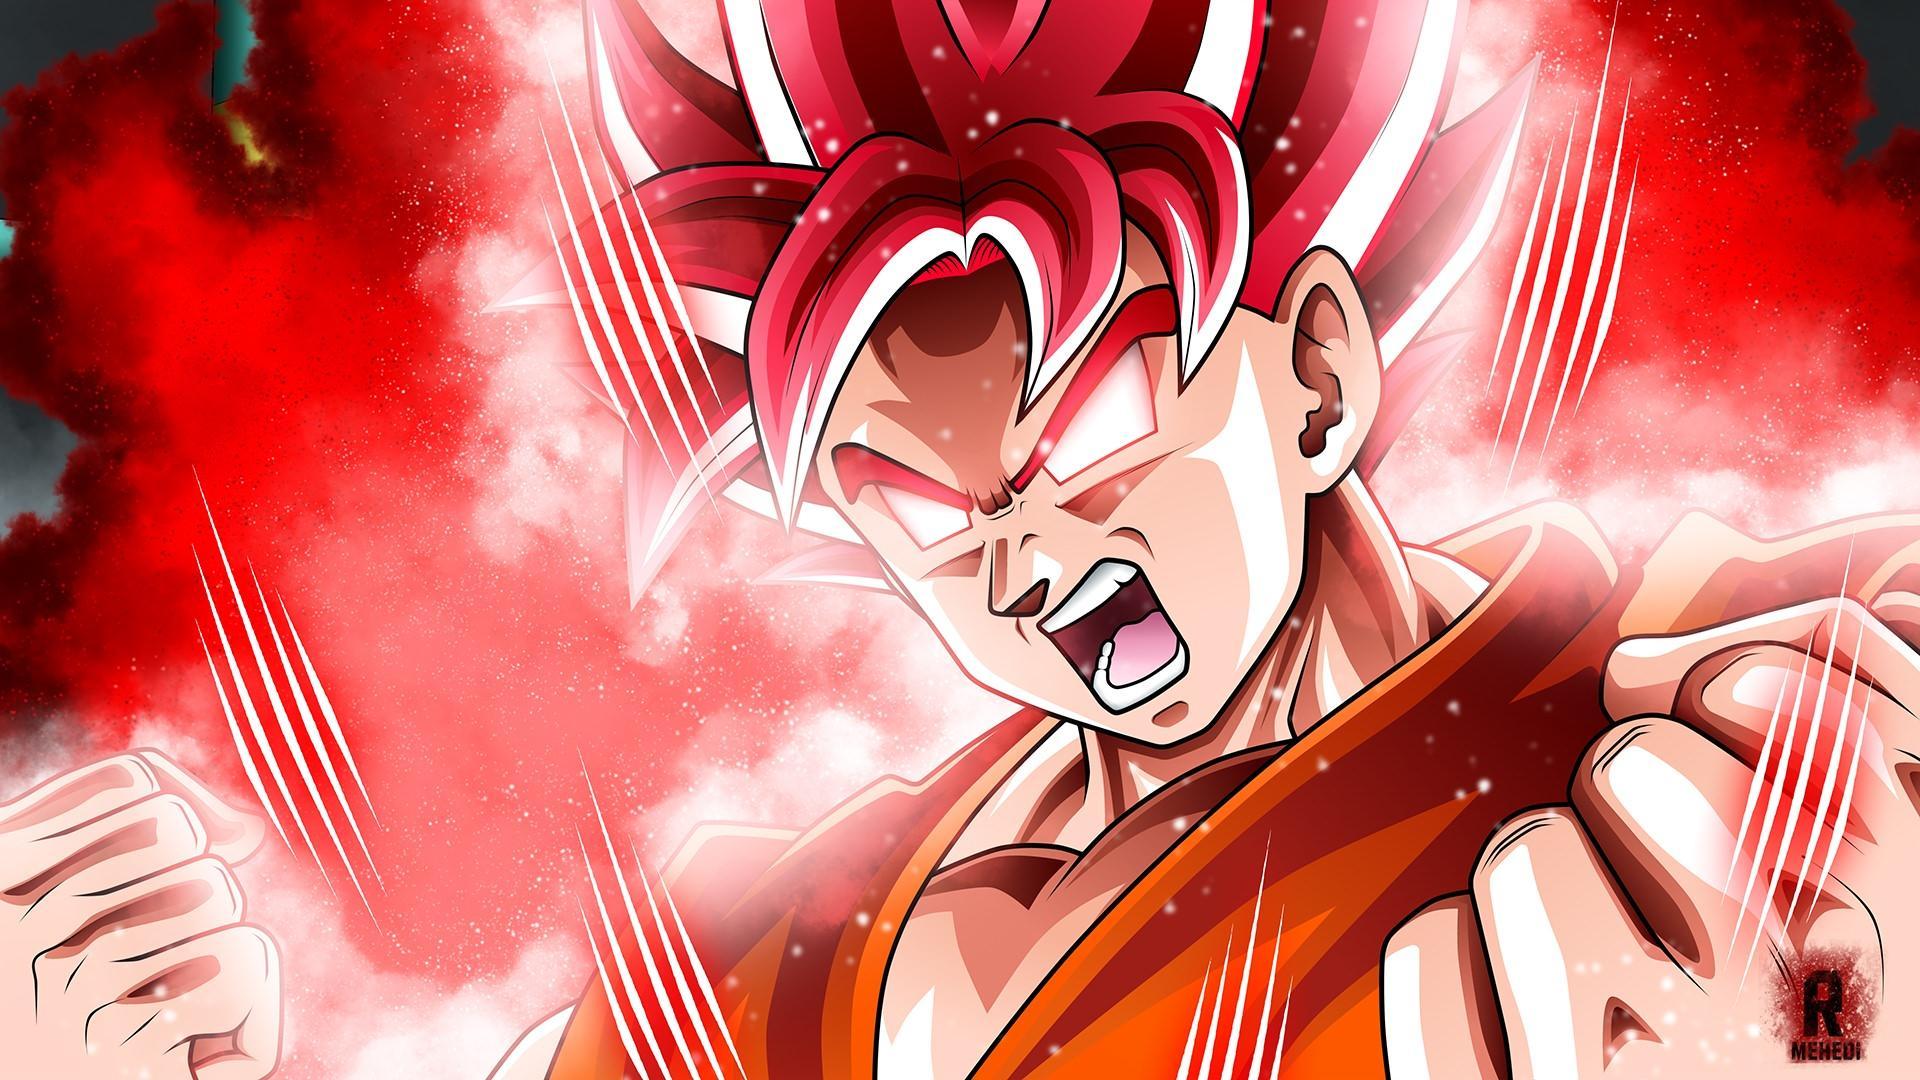 1024x1556 Goku SSJ God Wallpapers